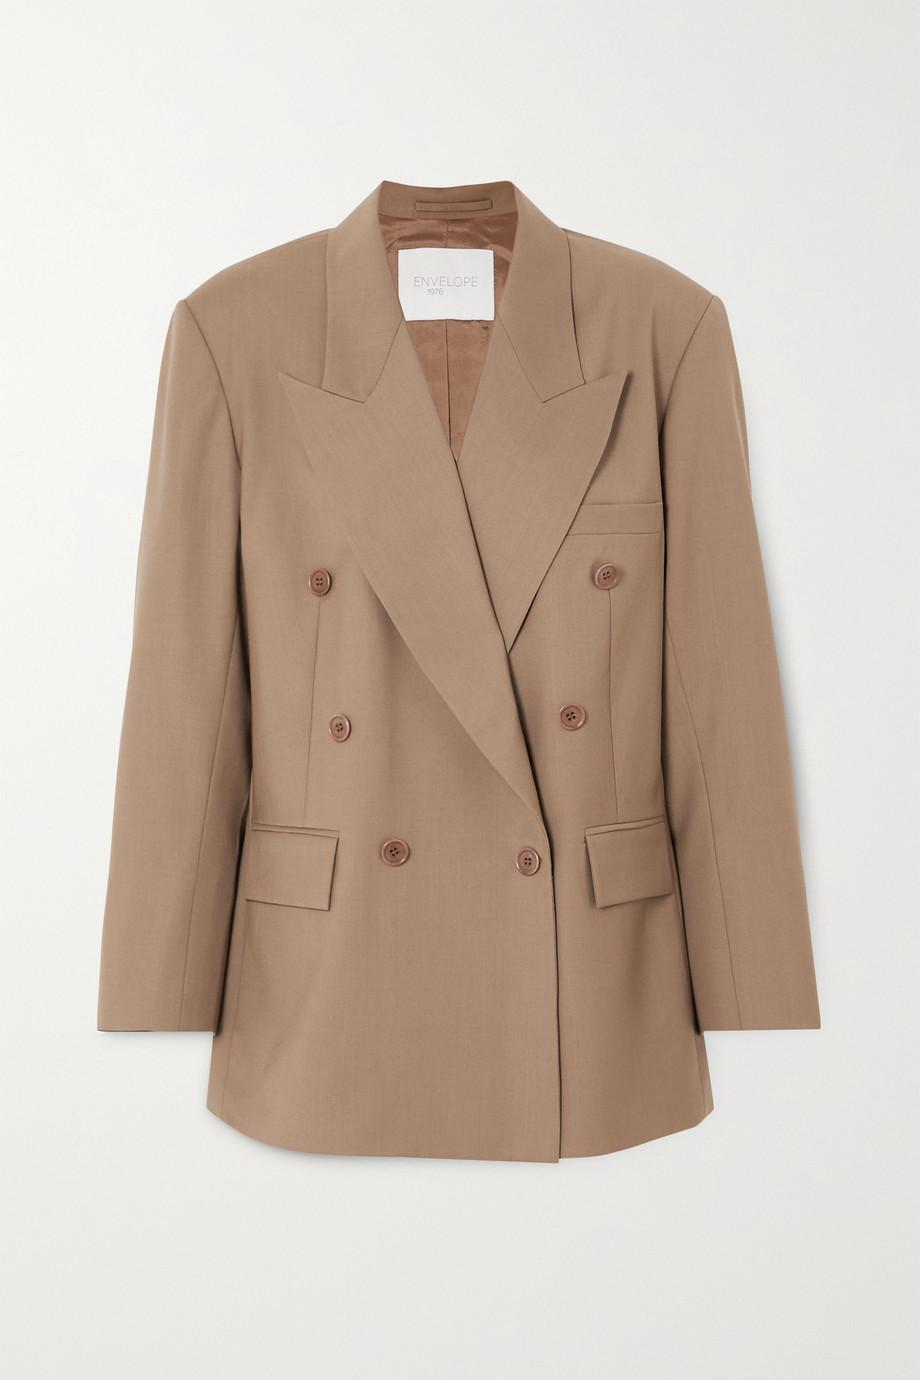 Envelope1976 Girona oversized double-breasted wool-crepe blazer